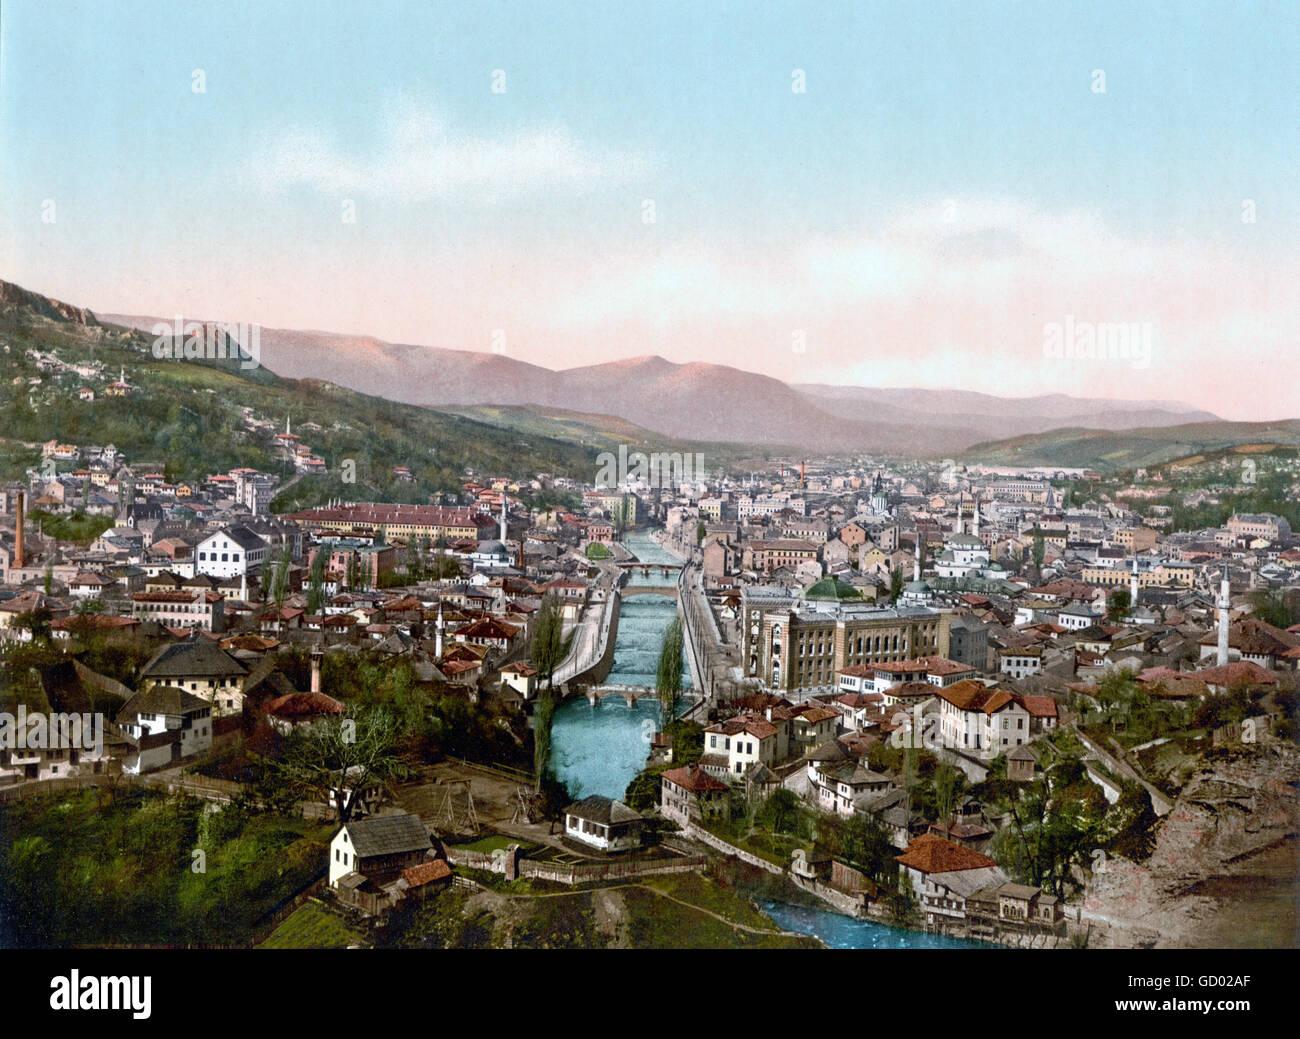 Vistas a Sarajevo desde el norte a finales del siglo xix, impresión fotocroma c.1890-1900. Imagen De Stock